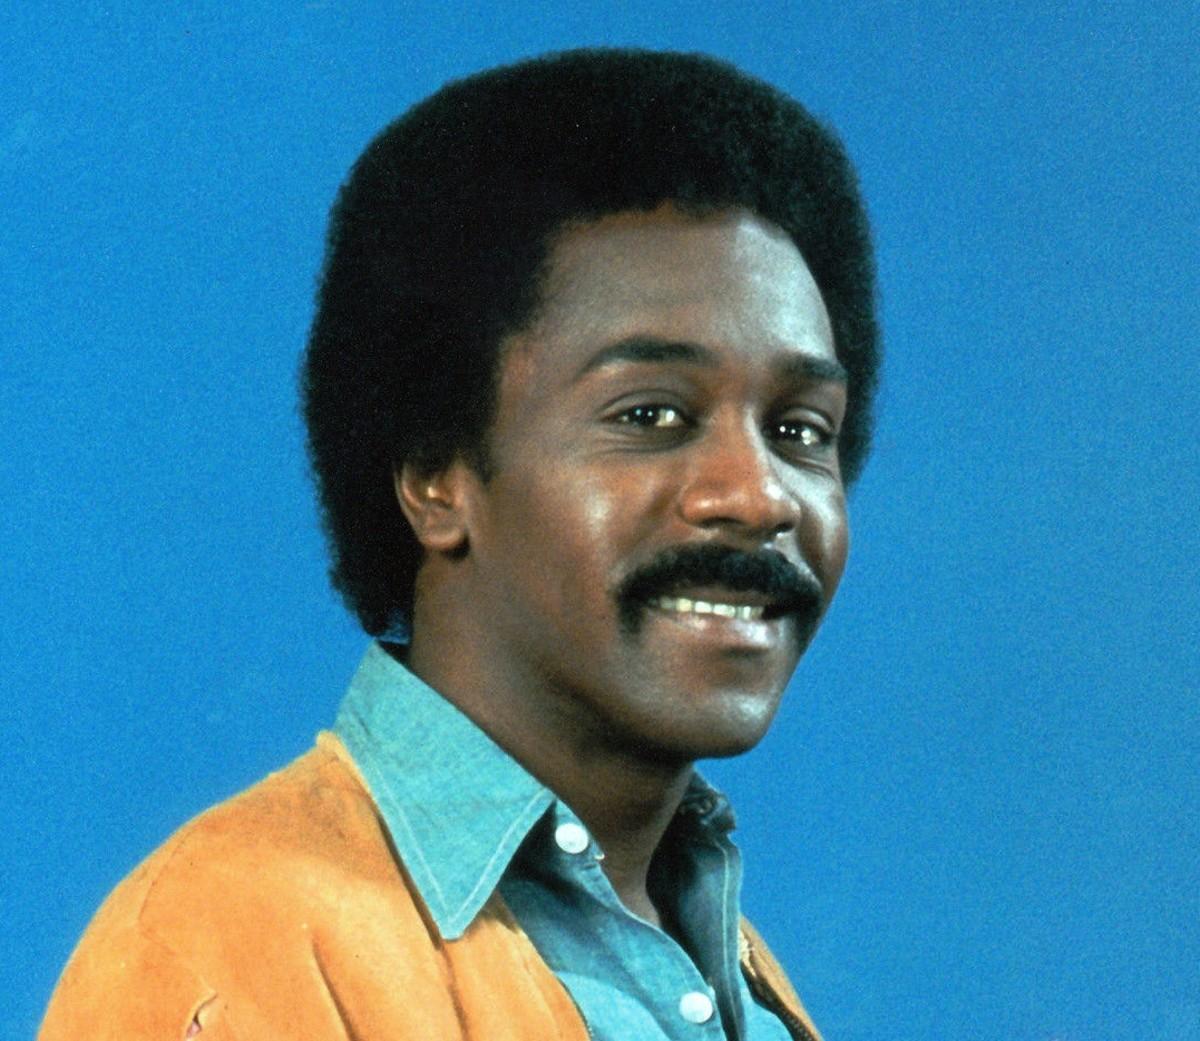 1970s sexiest tv actors hubpages for Demond wilson